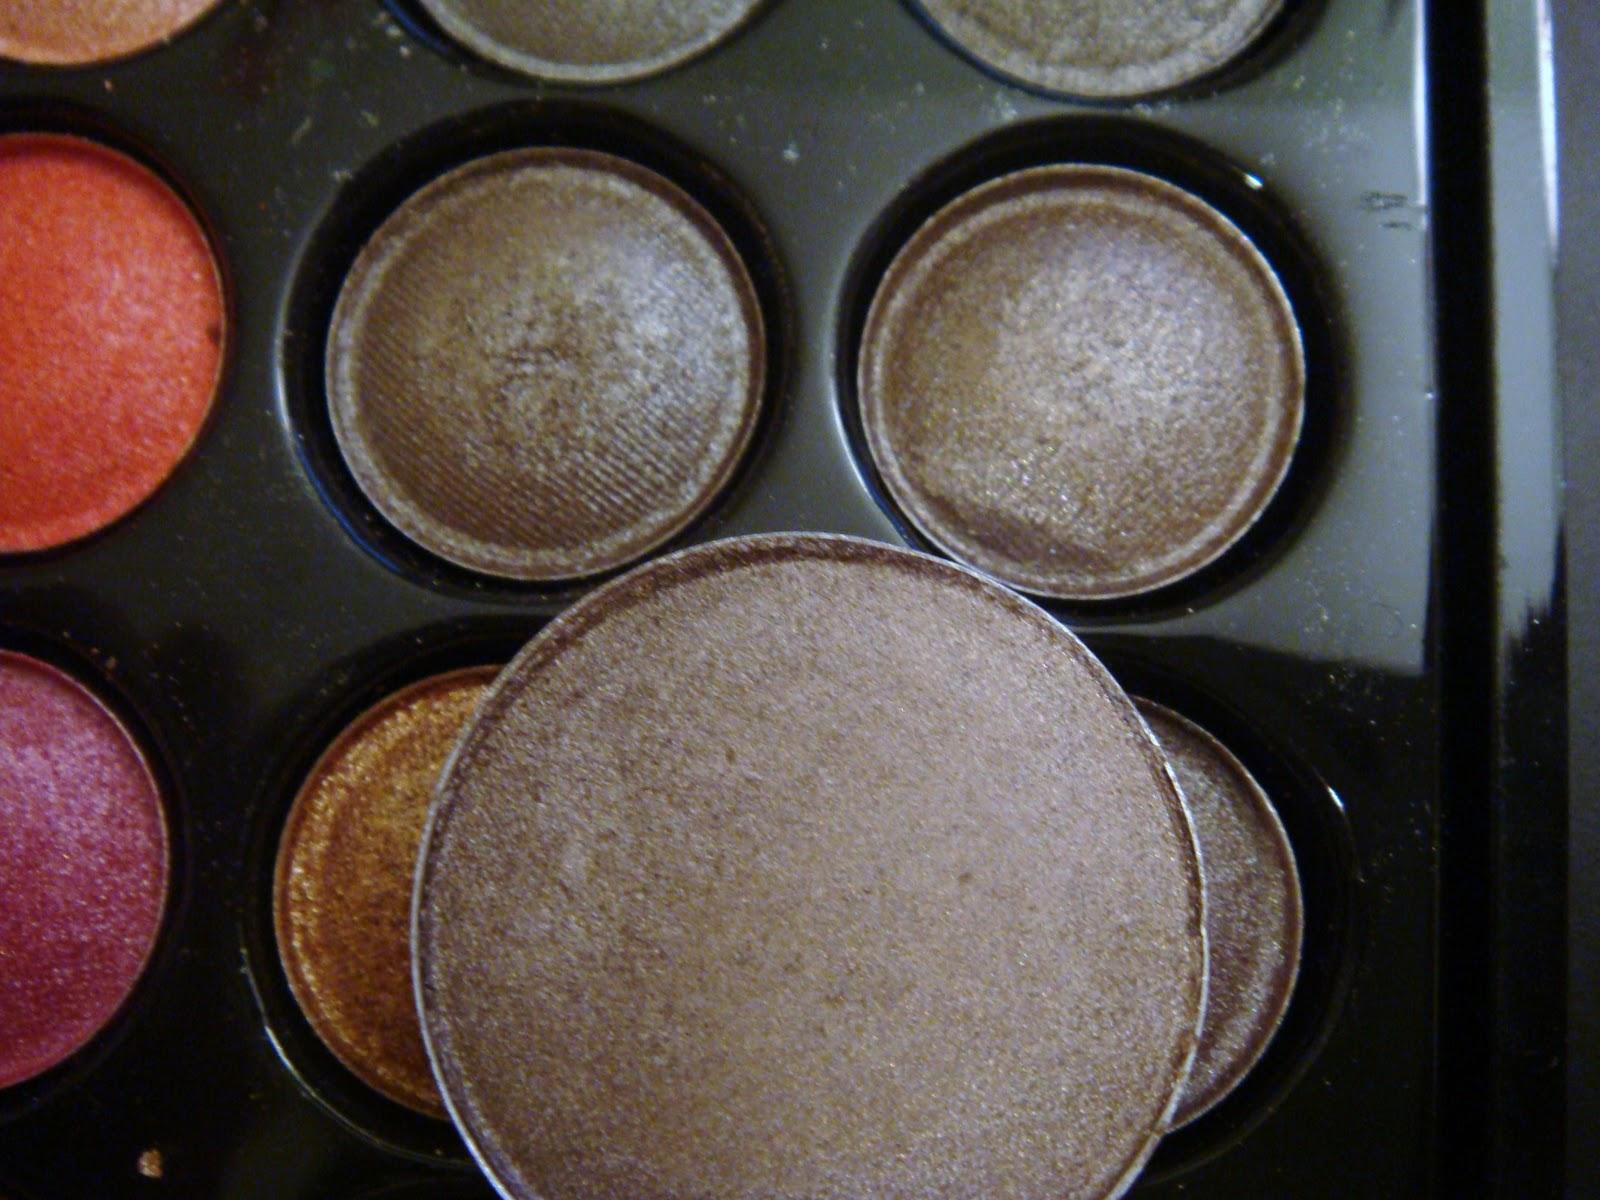 Pinkbox Makeup: MAC Satin Taupe - SedonaLace 88 Palette DUPES!